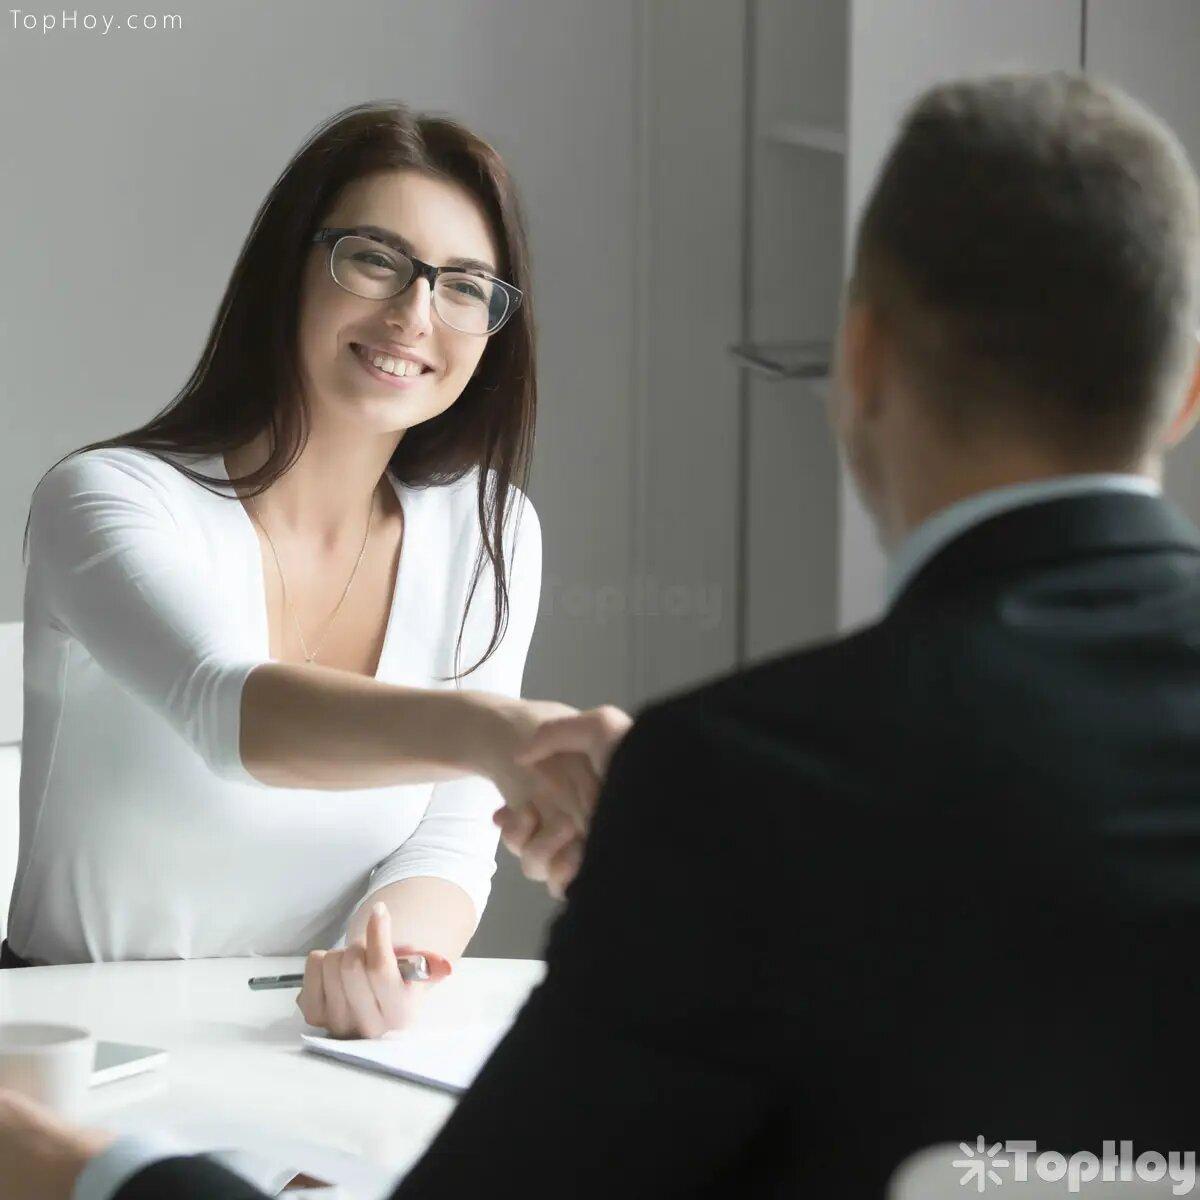 Trata de memorizar tu experiencia laborar; en ocasiones los nervios pueden traicionar y provocar que durante el interrogatorio se te olvide un aspecto importante de tu trayectoria profesional.